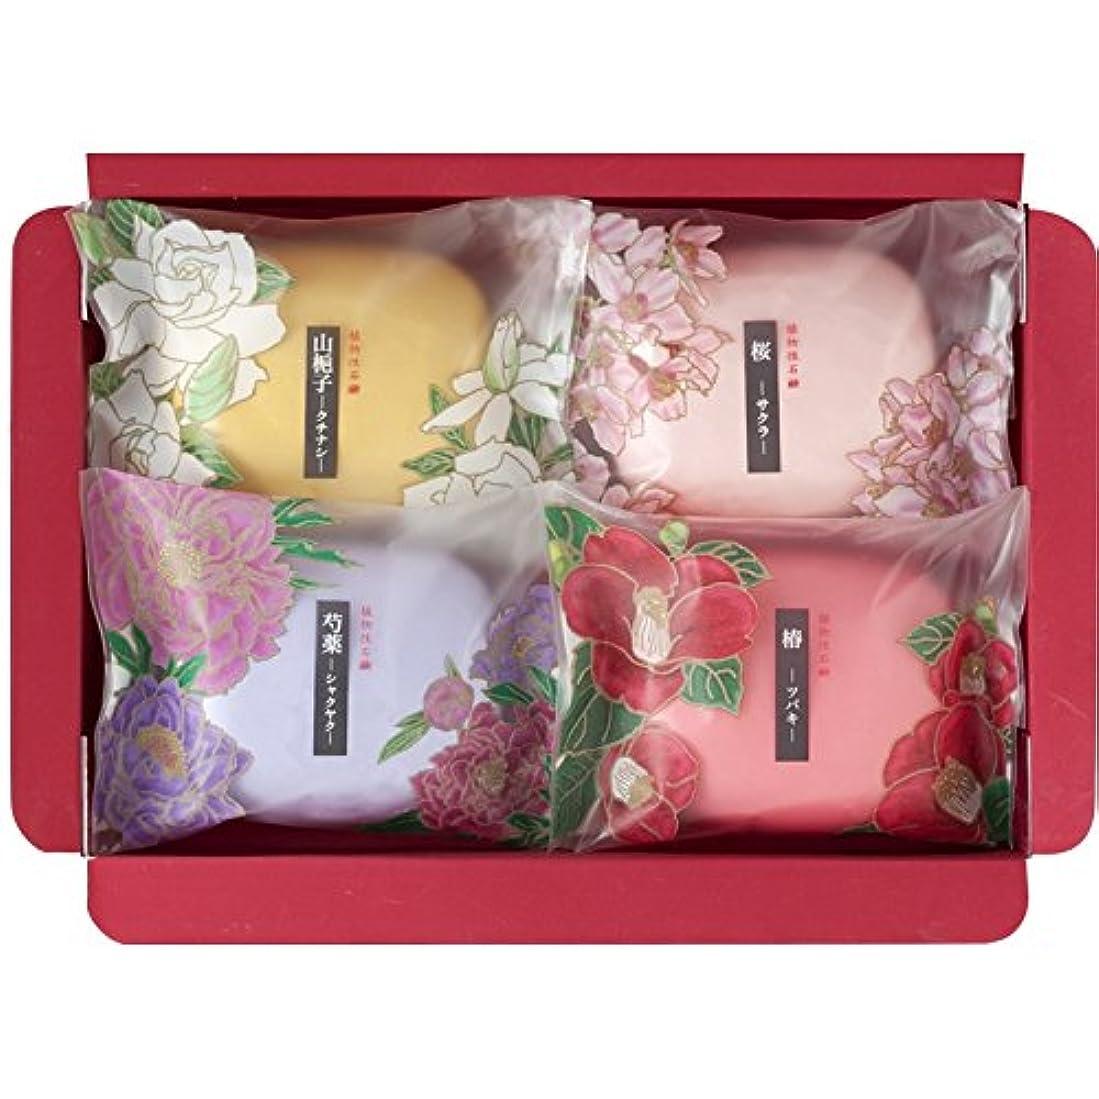 クレーター血まみれ現れる彩花だより 【固形 ギフト せっけん あわ いい香り いい匂い うるおい プレゼント お風呂 かおり からだ きれい つめあわせ 日本製 国産 500】